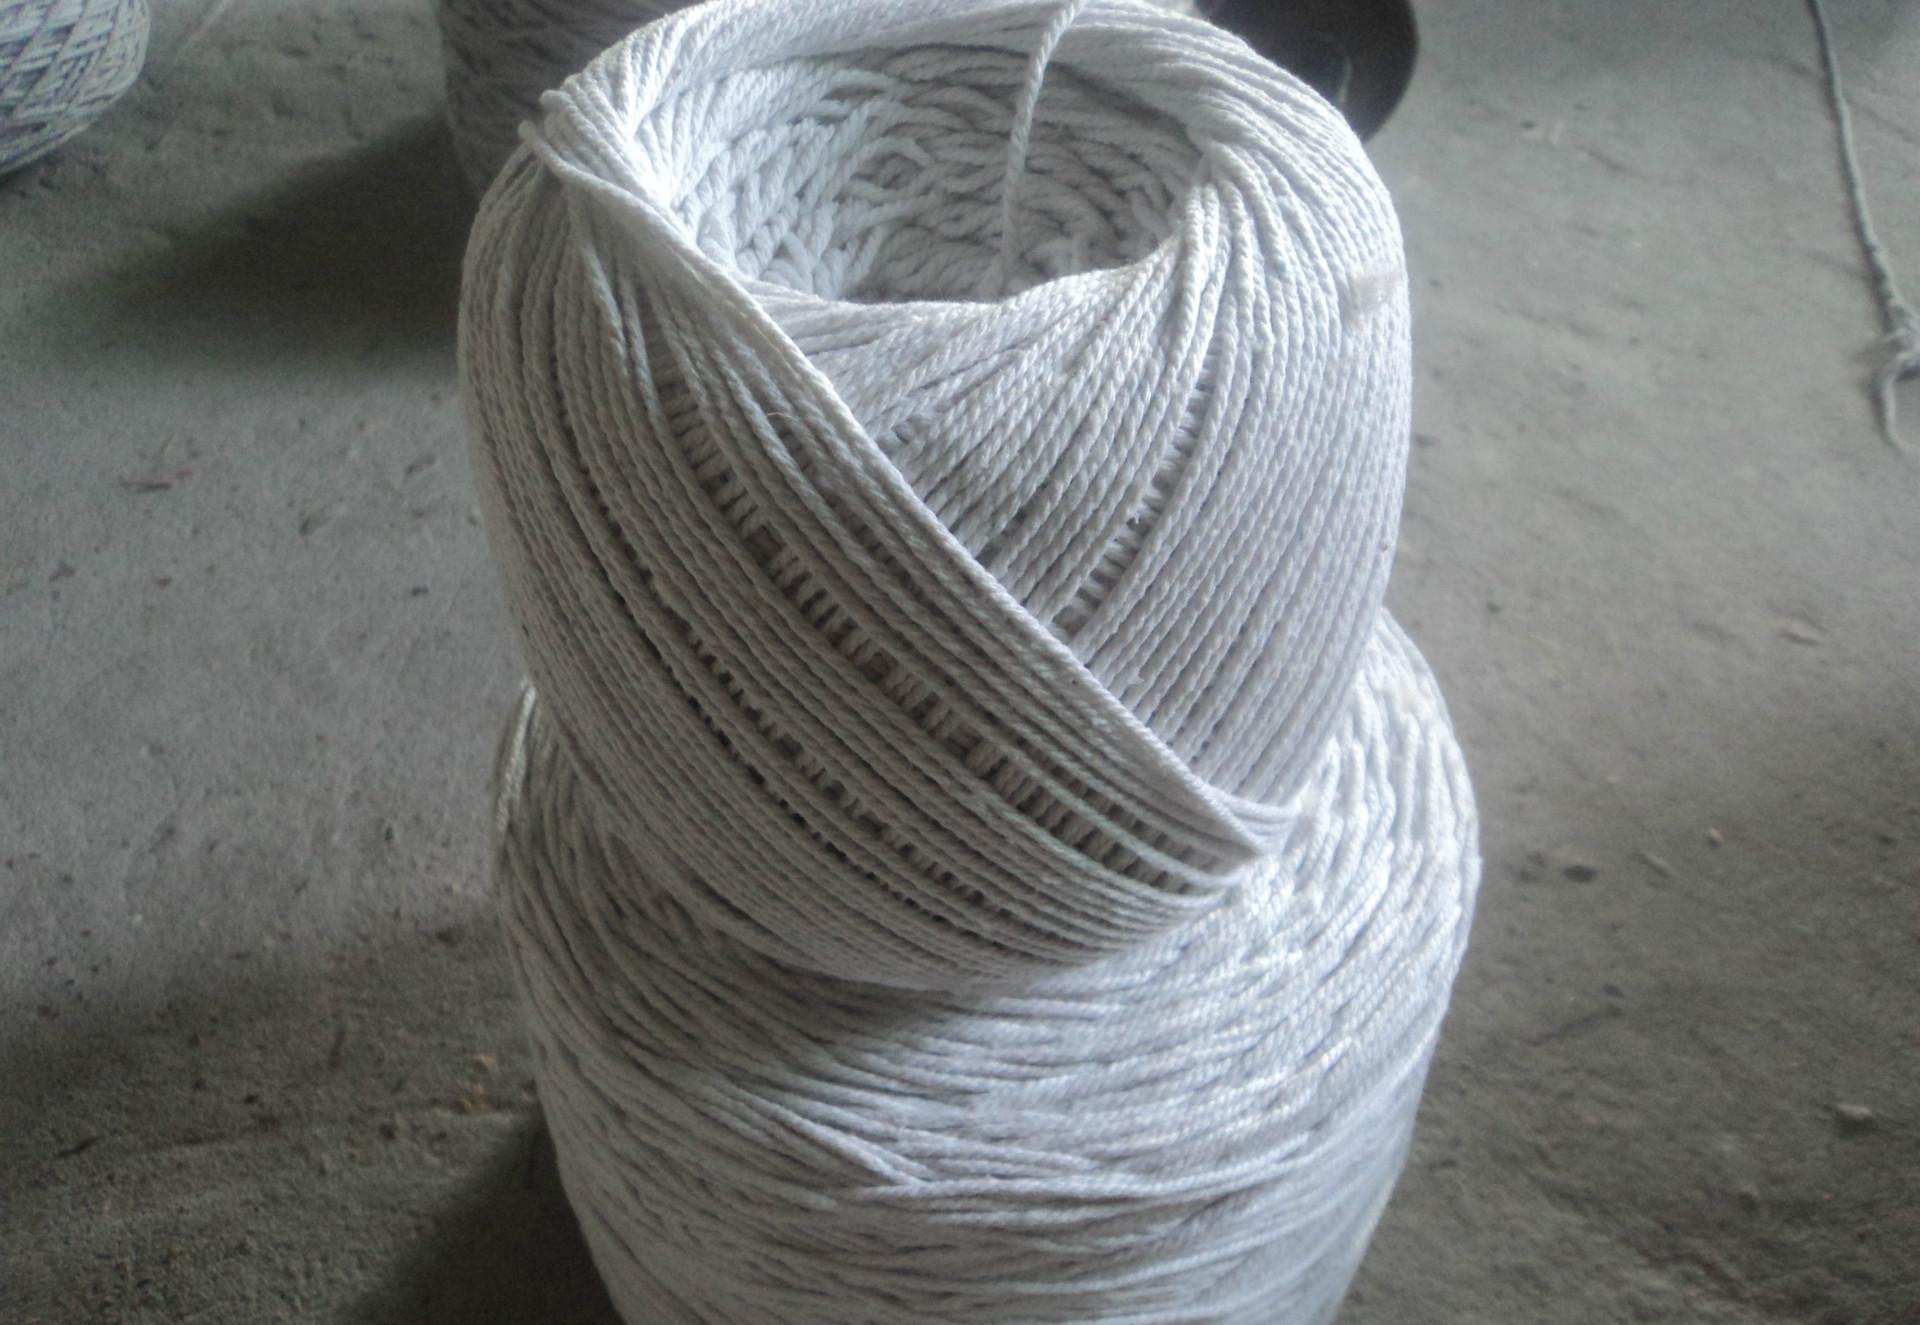 厂家直销本白色4mm嵌绳包边绳 包芯棉绳 服装沙发滚边绳  量大从优 本白色嵌绳包边绳